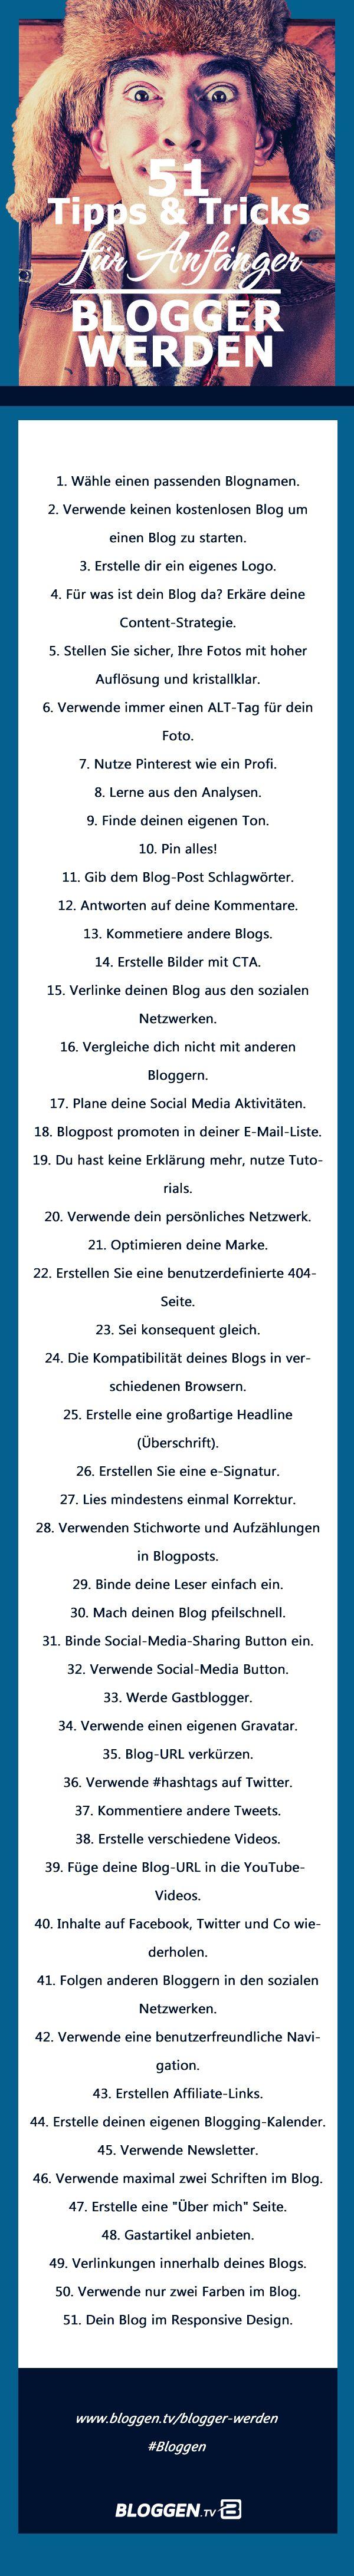 Blogger werden Viele Blogger müssen den eigenen Blog mit minimalen Budget erstellen. Eine Marke aufbauen und den eigenen Stil finden. Um dann zahlreiche Leser, Anhänger und Fans zu begeistern. Vertrauen aufzubauen ist noch schwieriger als es klingt.  #bloggen #bloggentv http://www.bloggen.tv/blogger-werden/